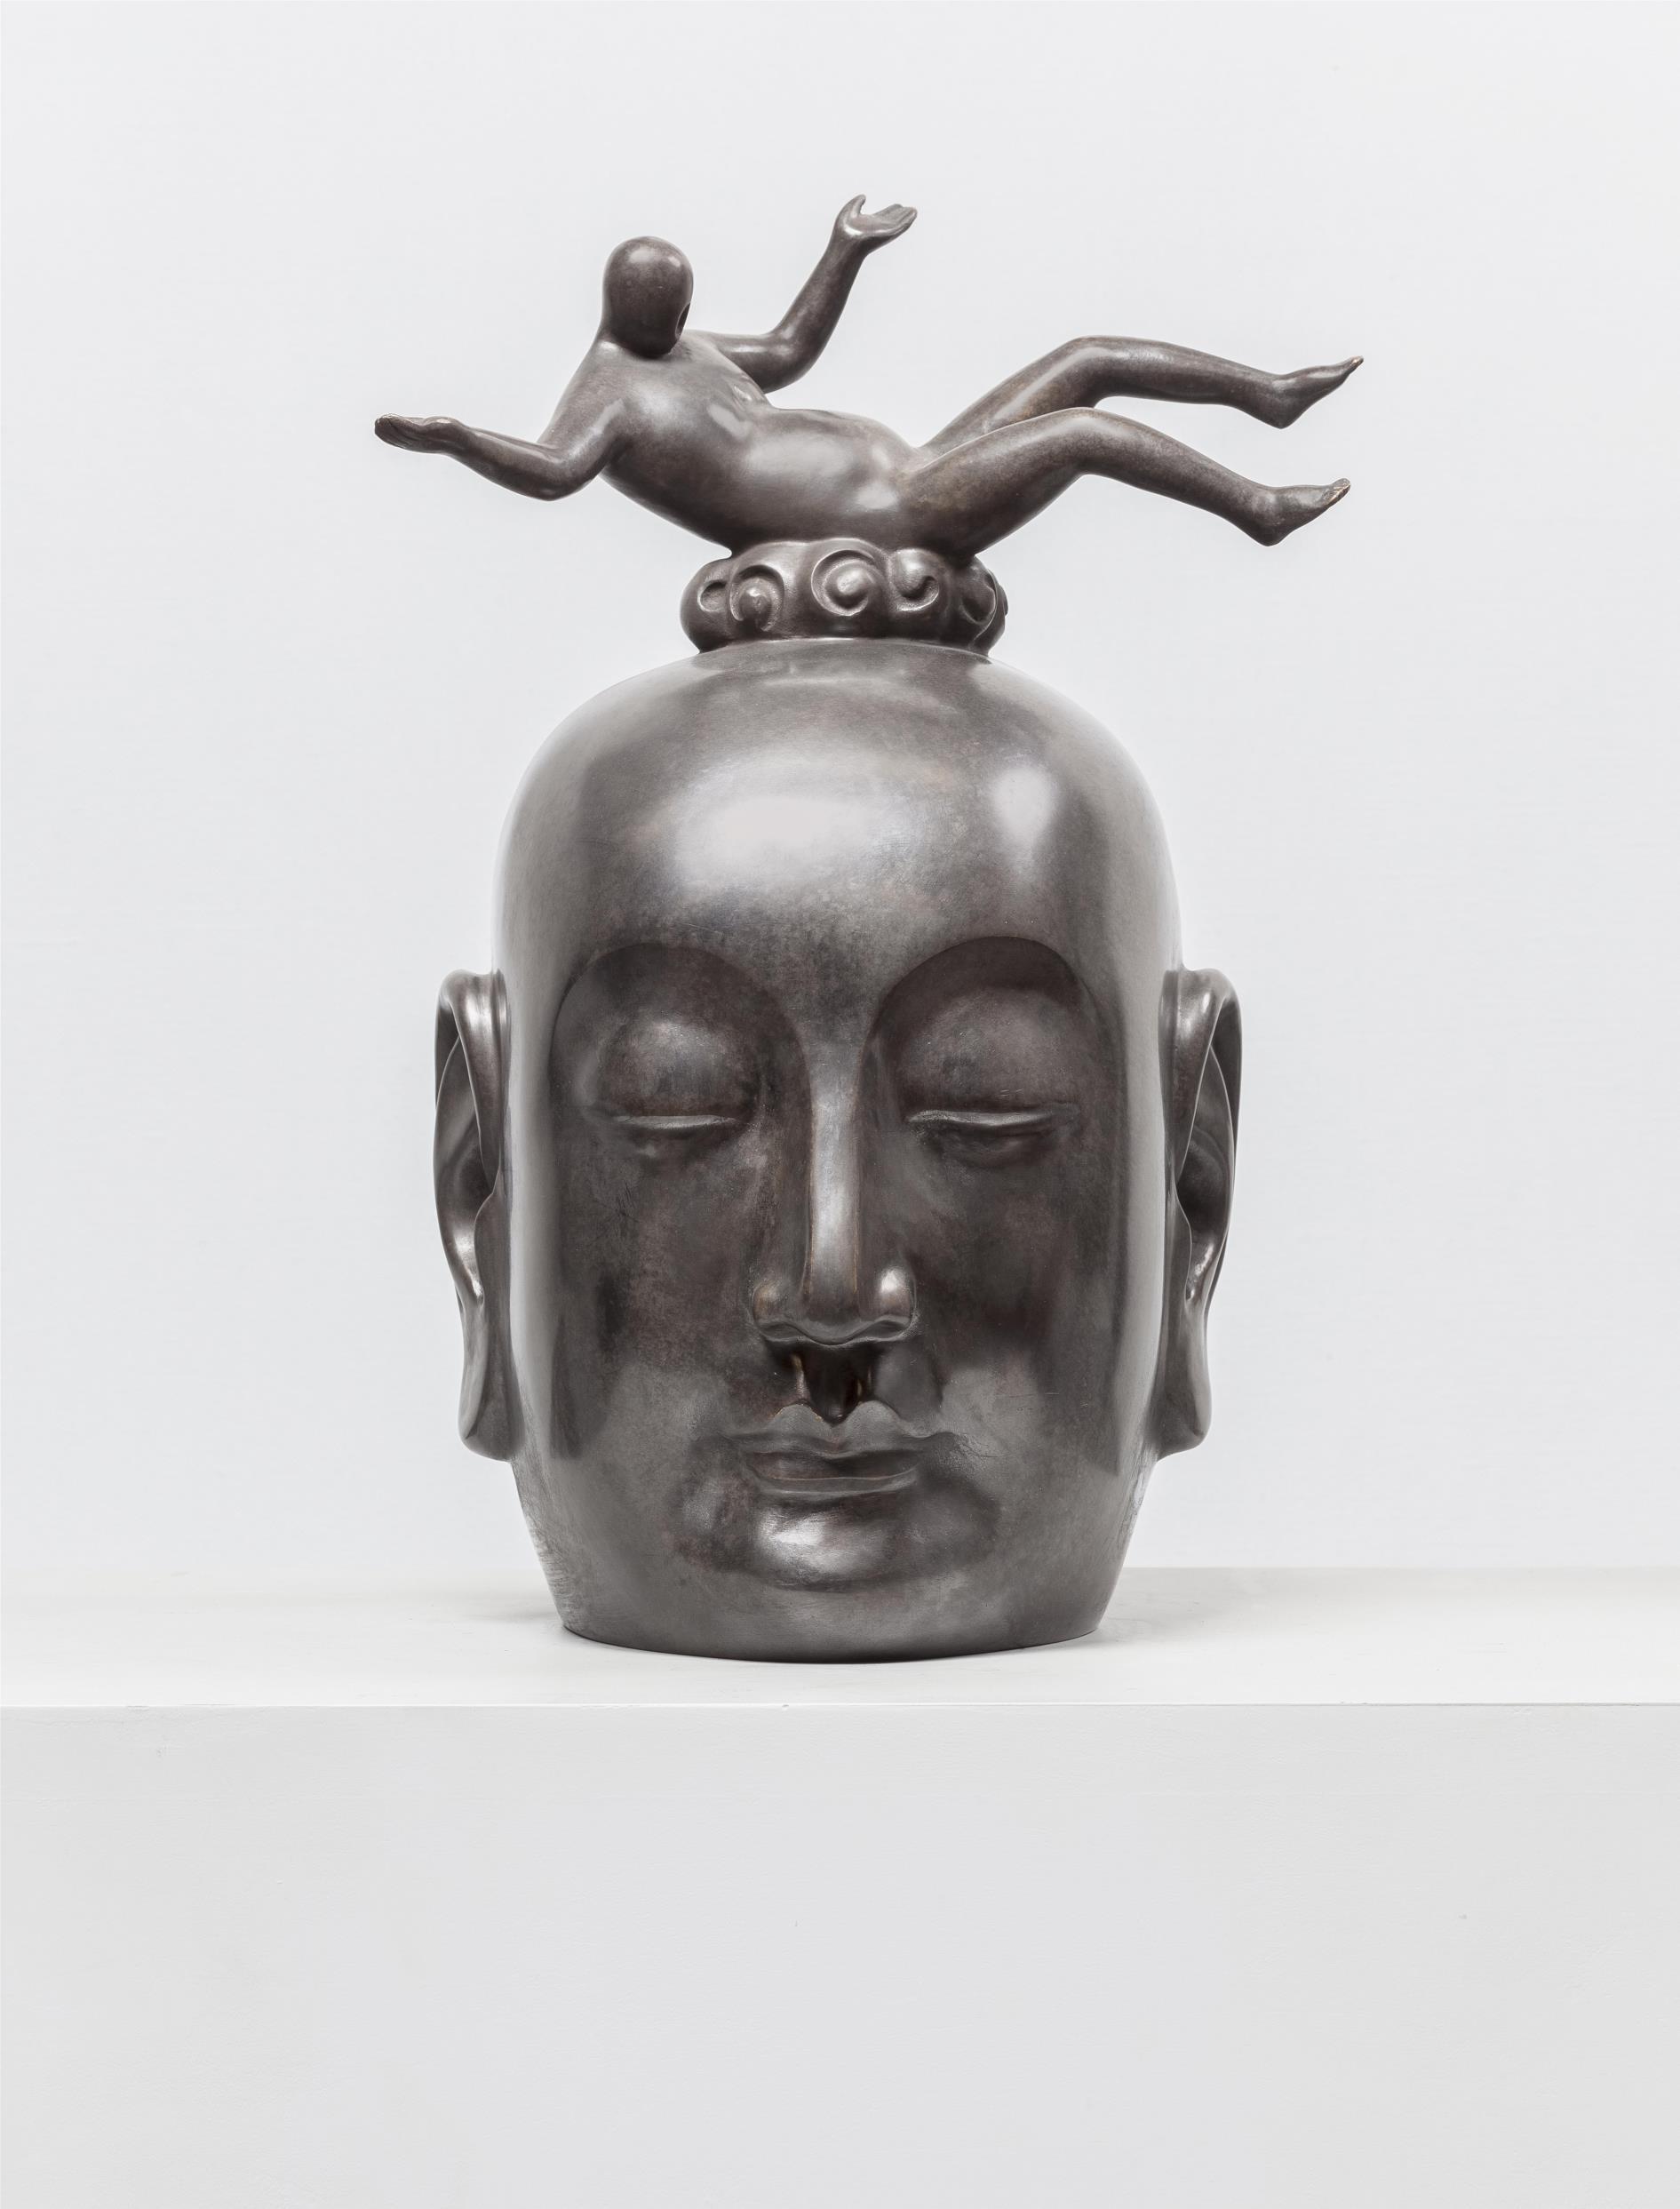 GUAN WEI   Salvation No.3  2015 bronze sculpture 45 x 28 x 24 cm